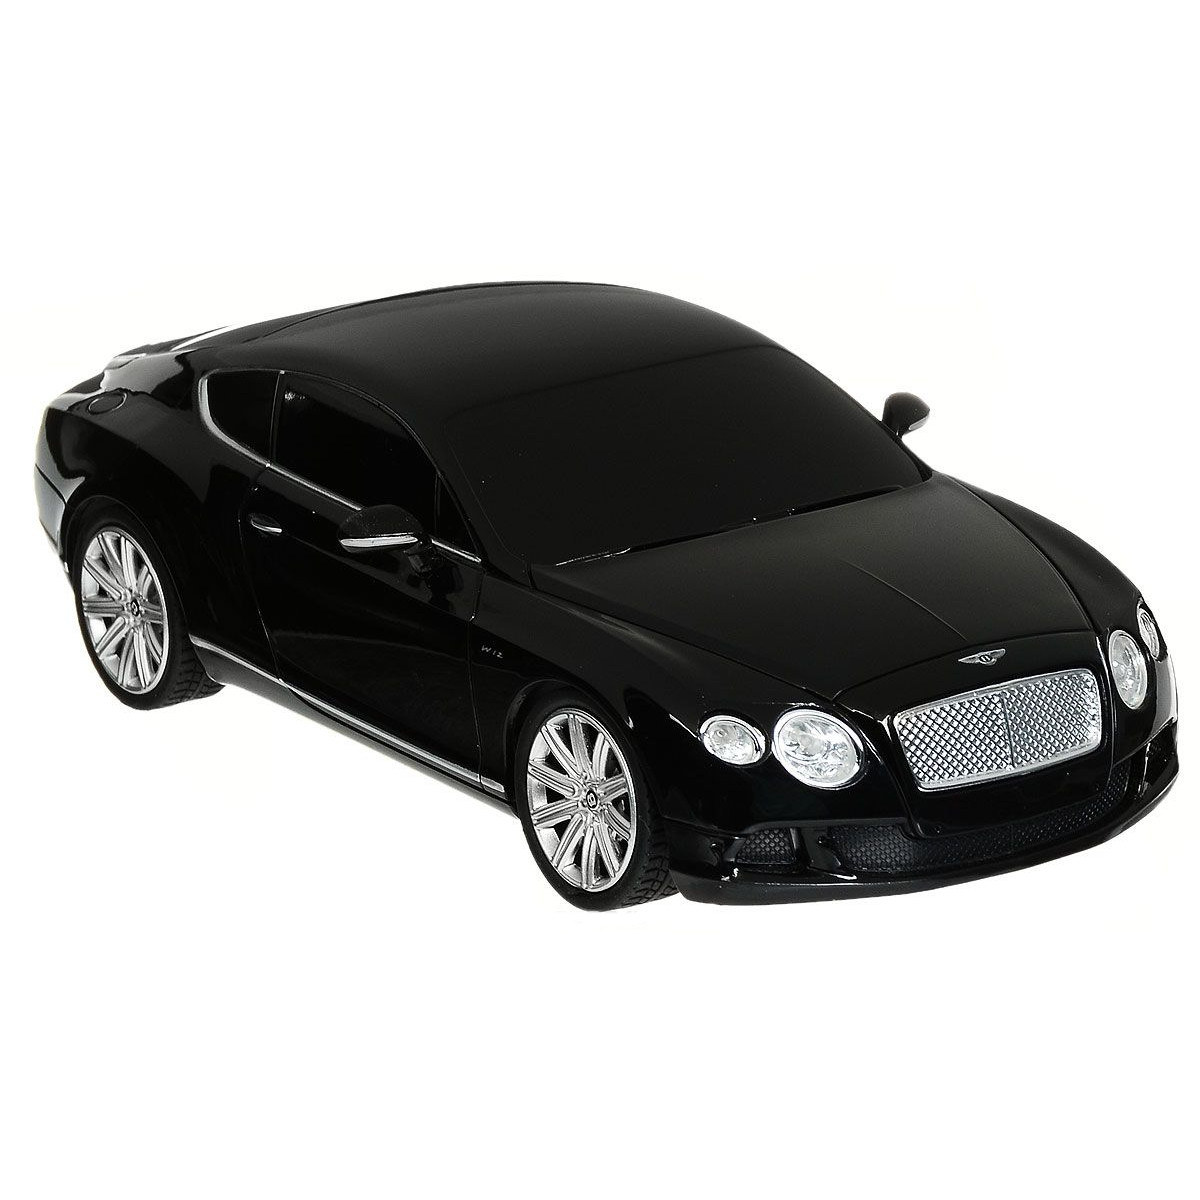 Радиоуправляемая машина - Bentley Continental GT Speed, цвет черный, 1:24, 27MHZМашины на р/у<br>Радиоуправляемая машина - Bentley Continental GT Speed, цвет черный, 1:24, 27MHZ<br>